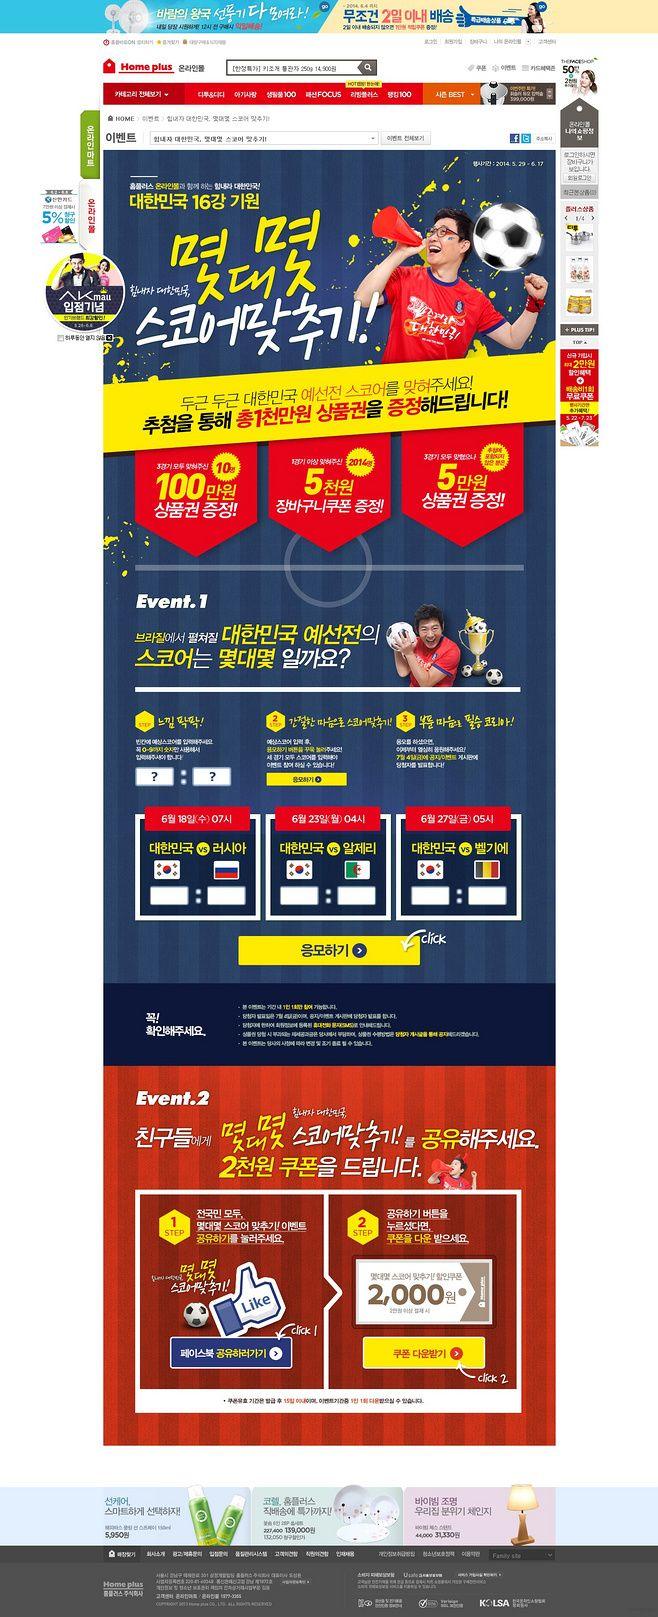 韩国电商活动页面设计2